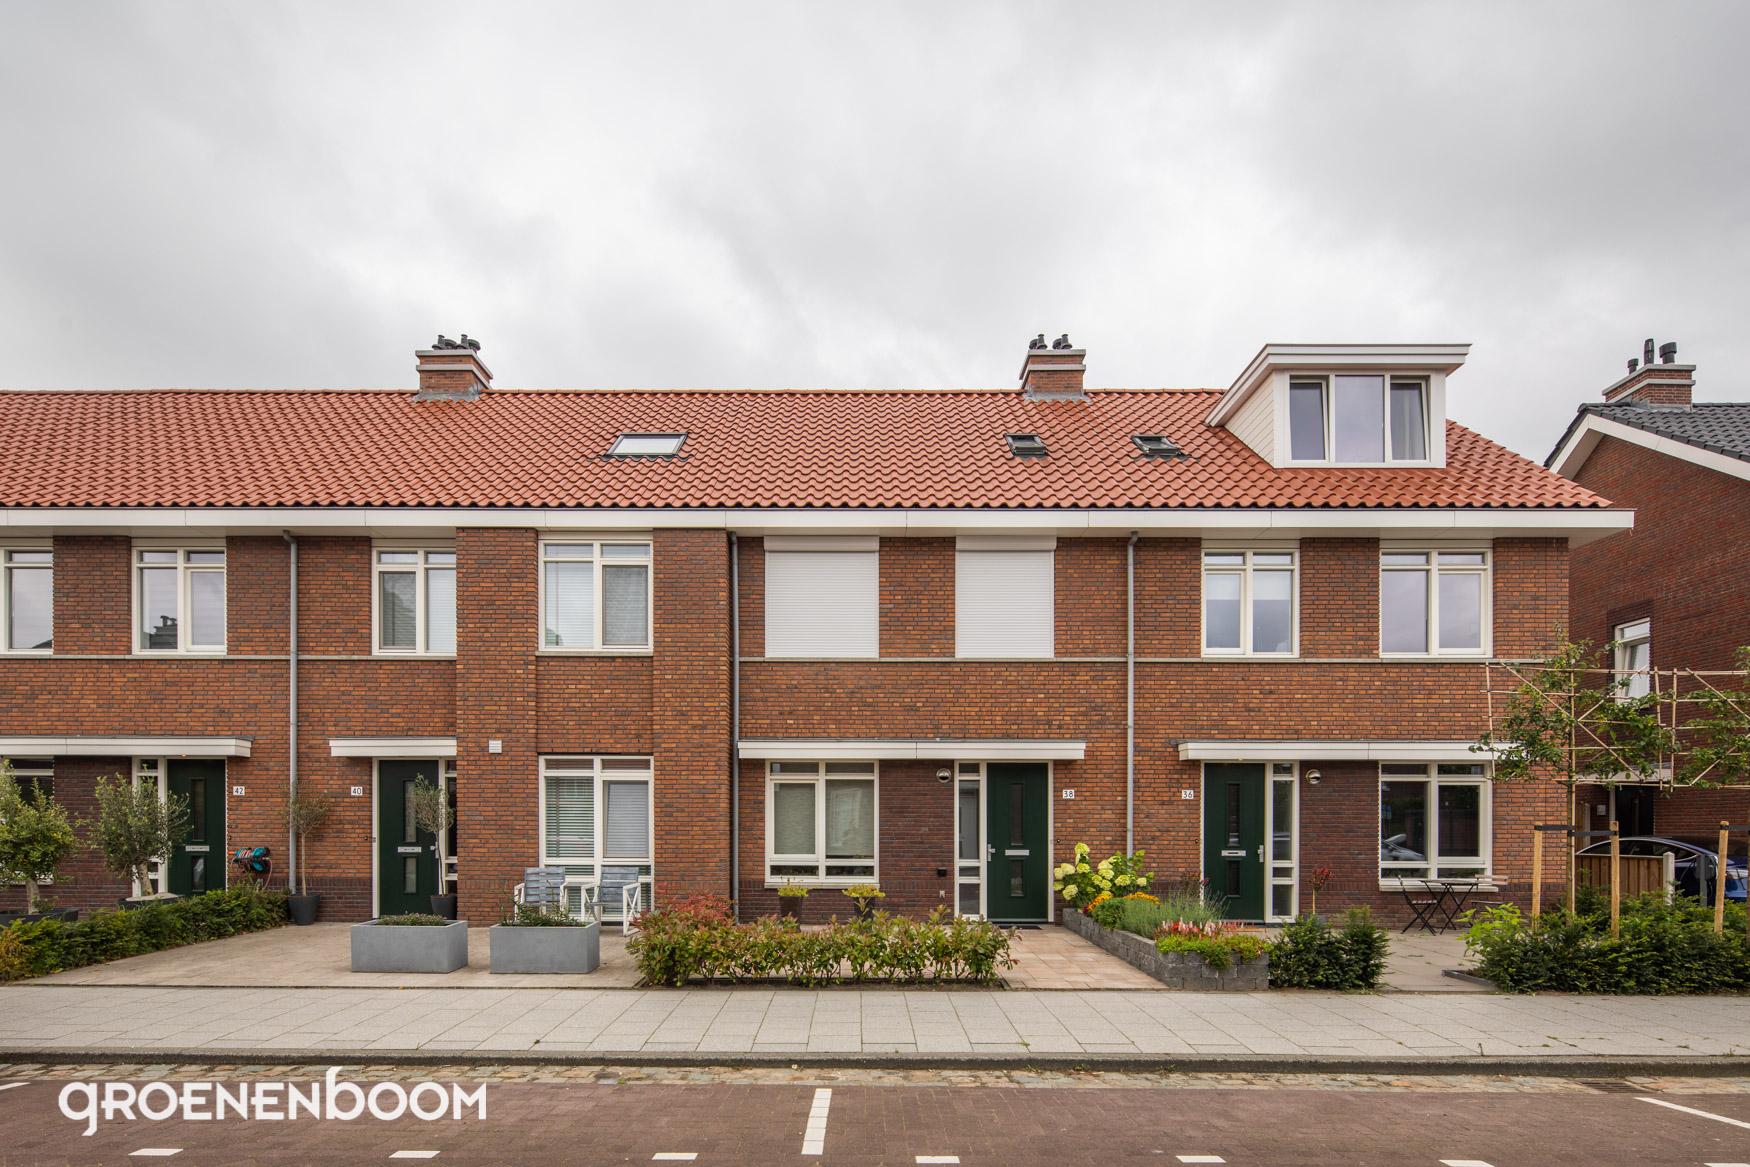 Groenenboom-Schildersbedrijf-project-Spijkenisse-Het-Land3